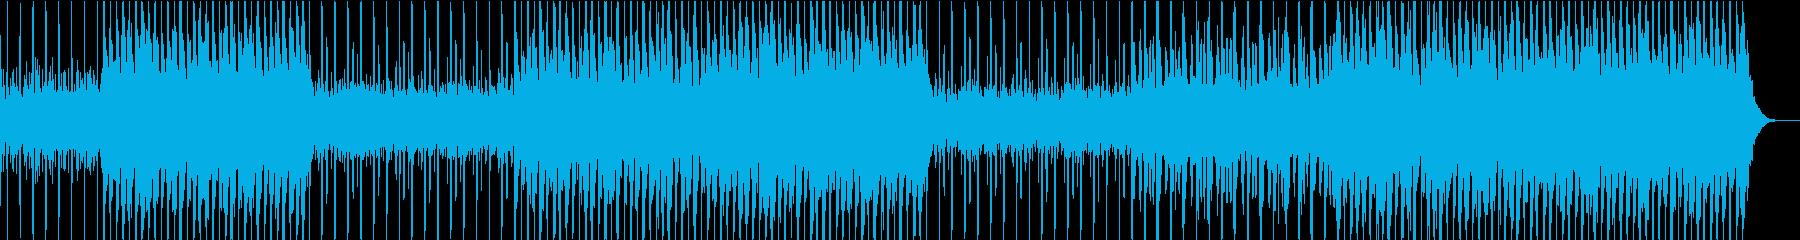 眠気が襲って来るようなチルウェーブの再生済みの波形